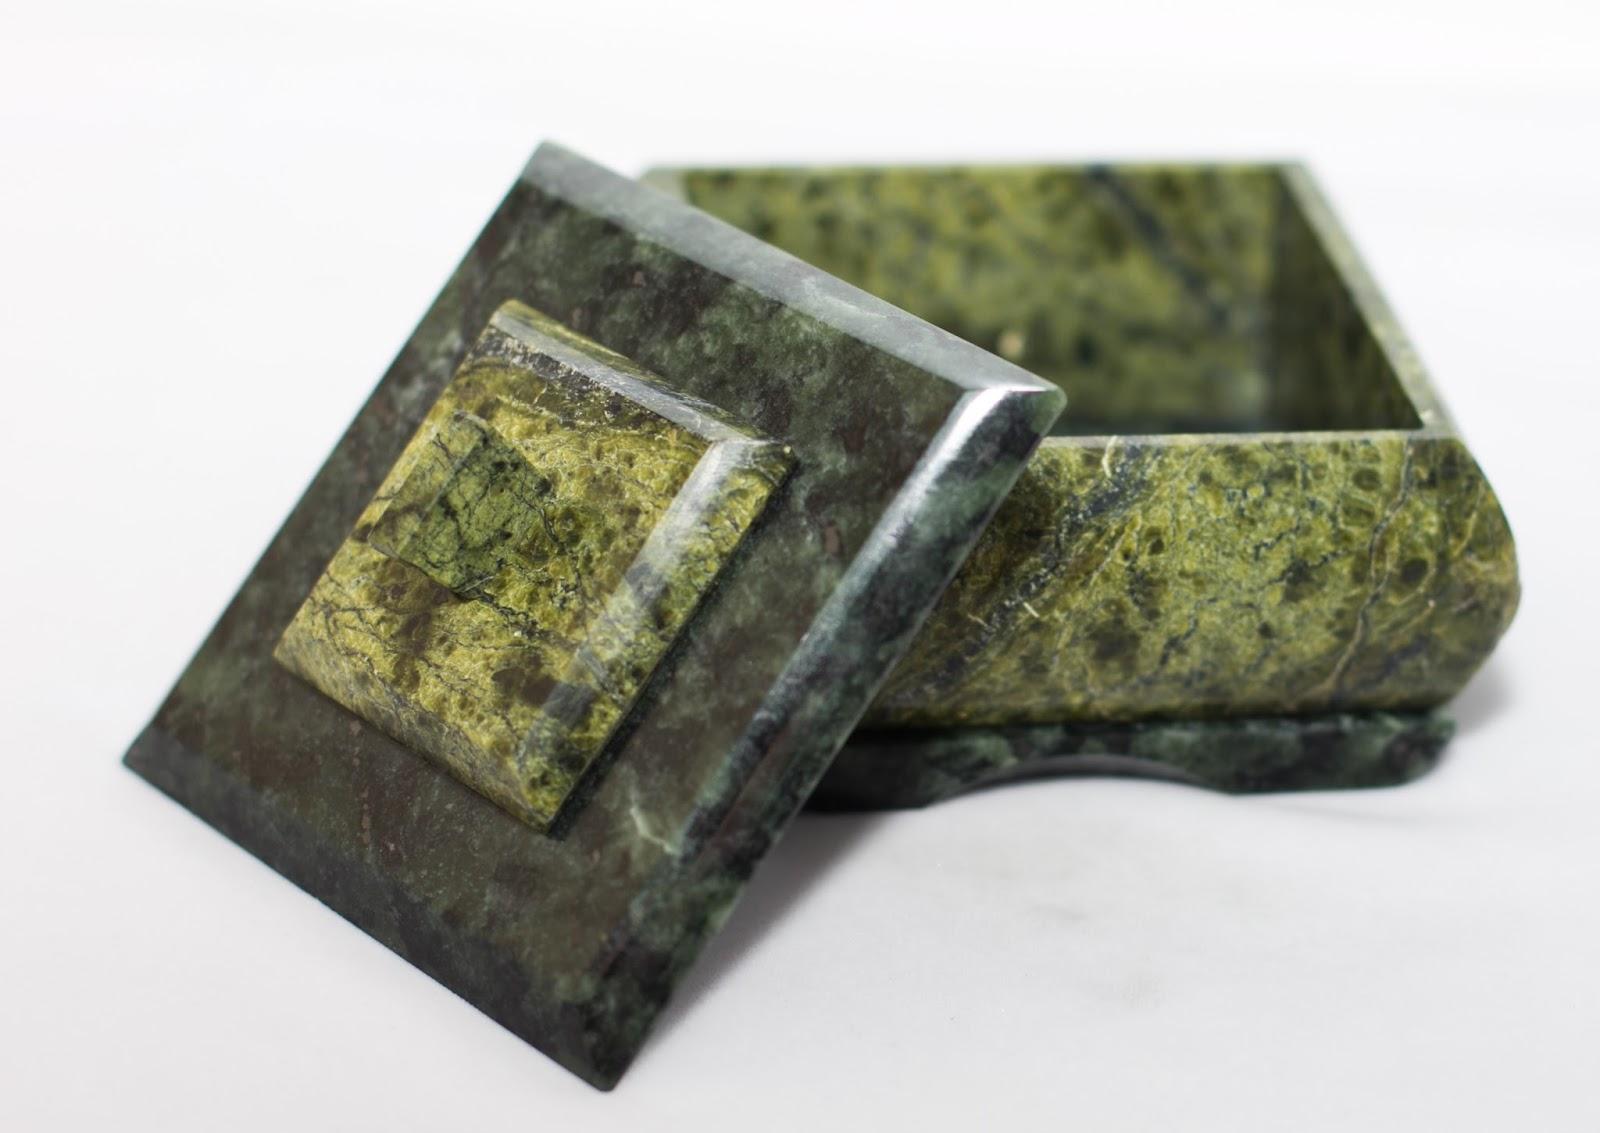 камень змеевик фото свойства и значение соответствует описанию, которое